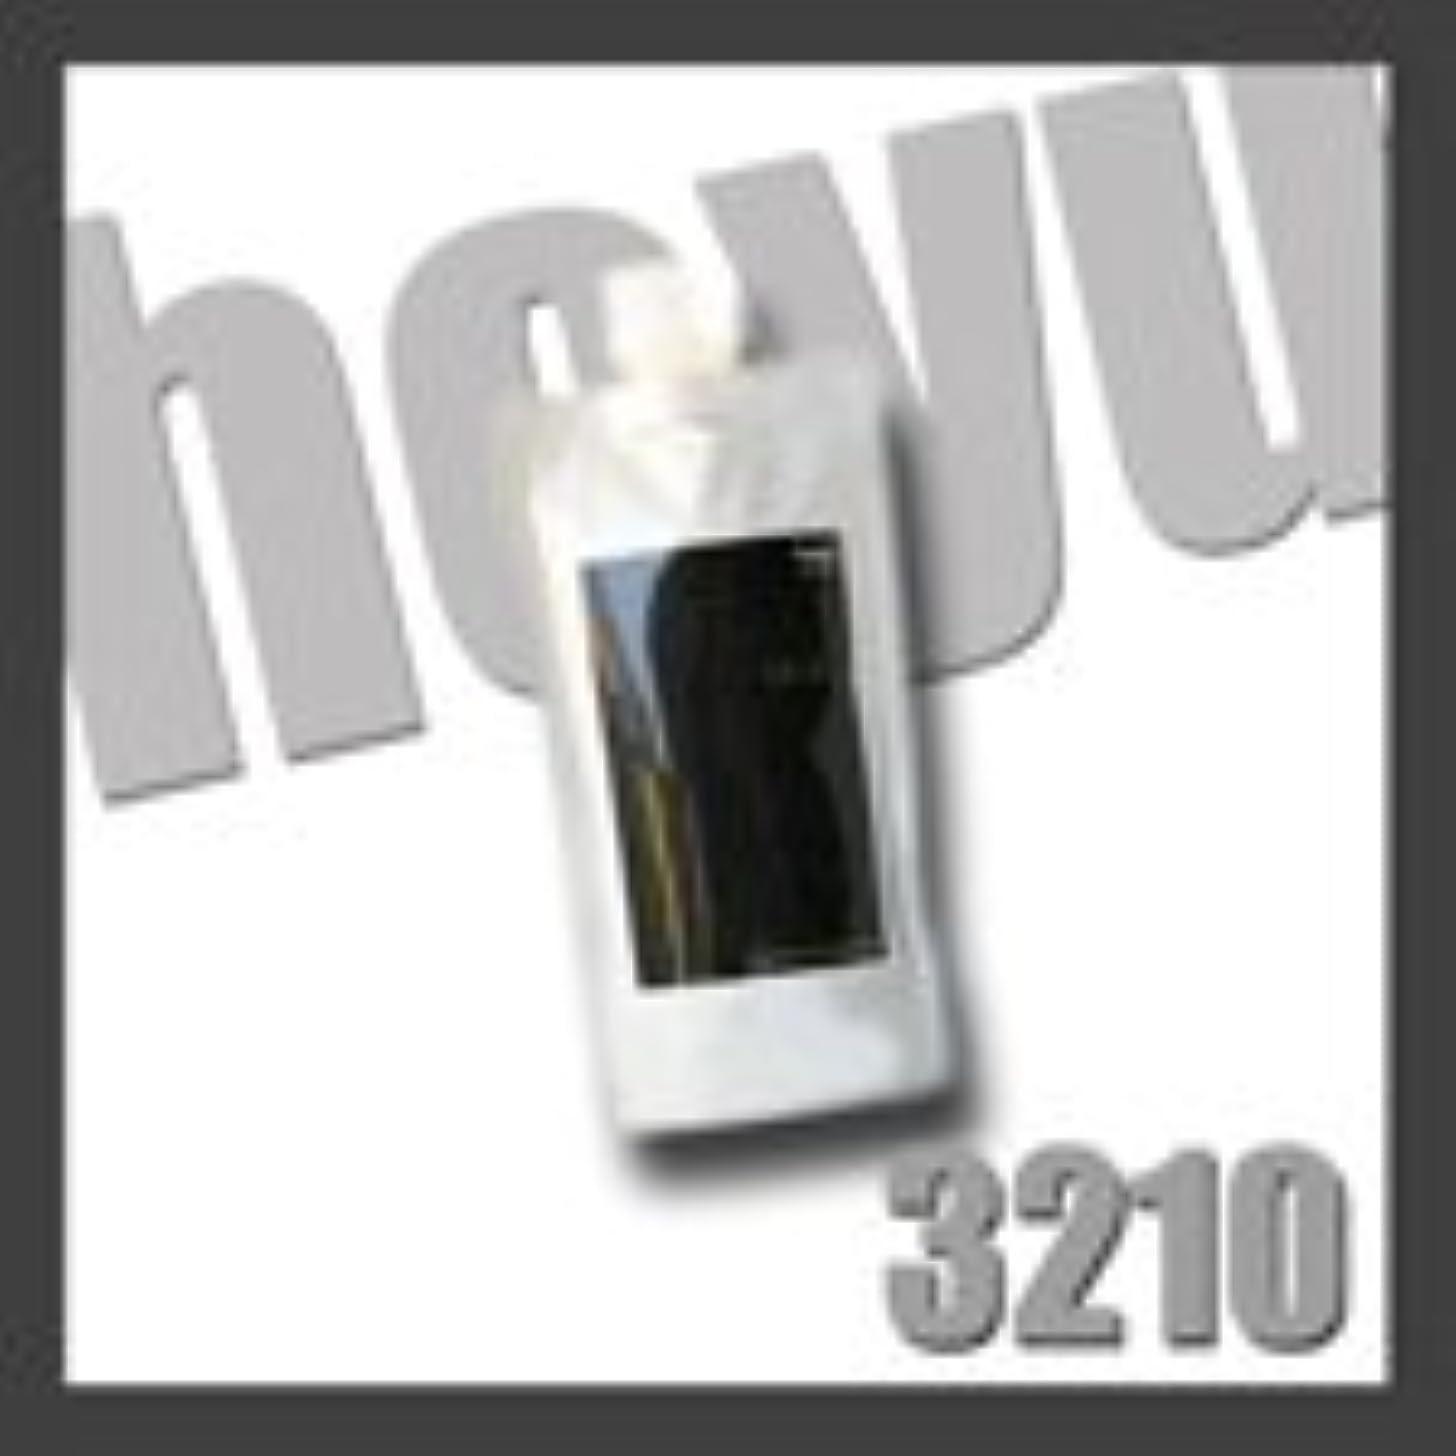 役に立たないパントリー請求可能HOYU ホーユー 3210 ミニーレ ウルトラハード ワックス レフィル 200g 詰替用 フィニッシュワークシリーズ